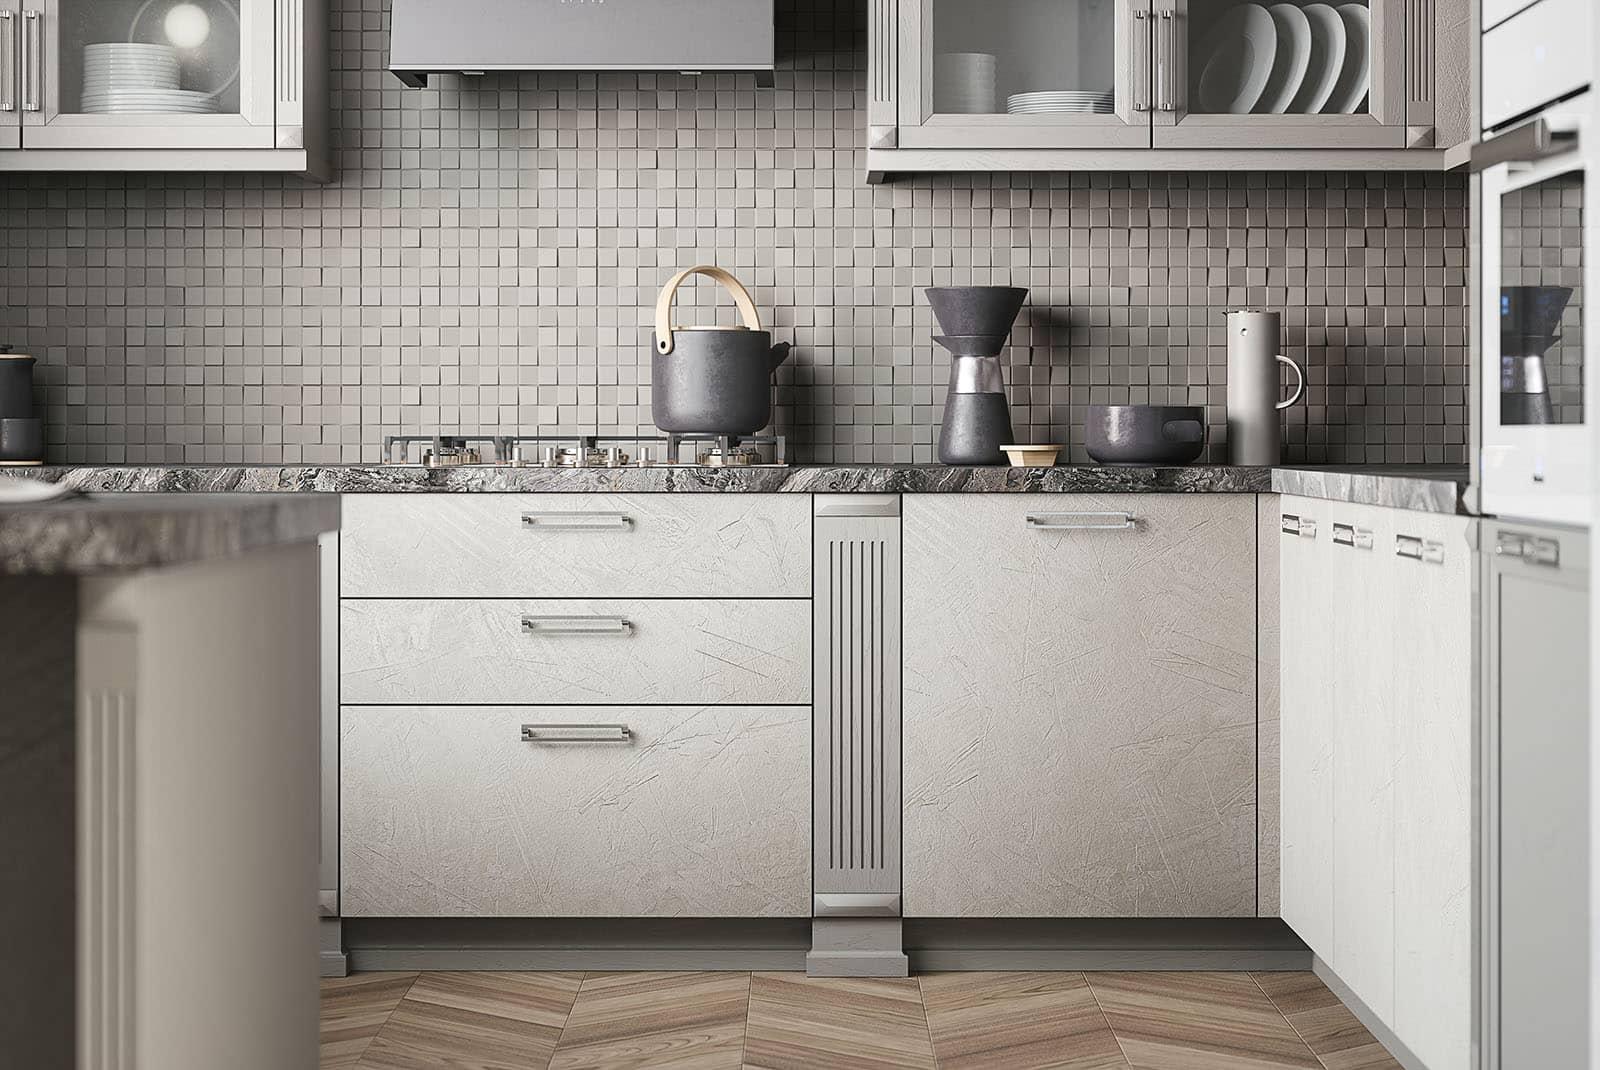 küche komplett landhaus einbauküche